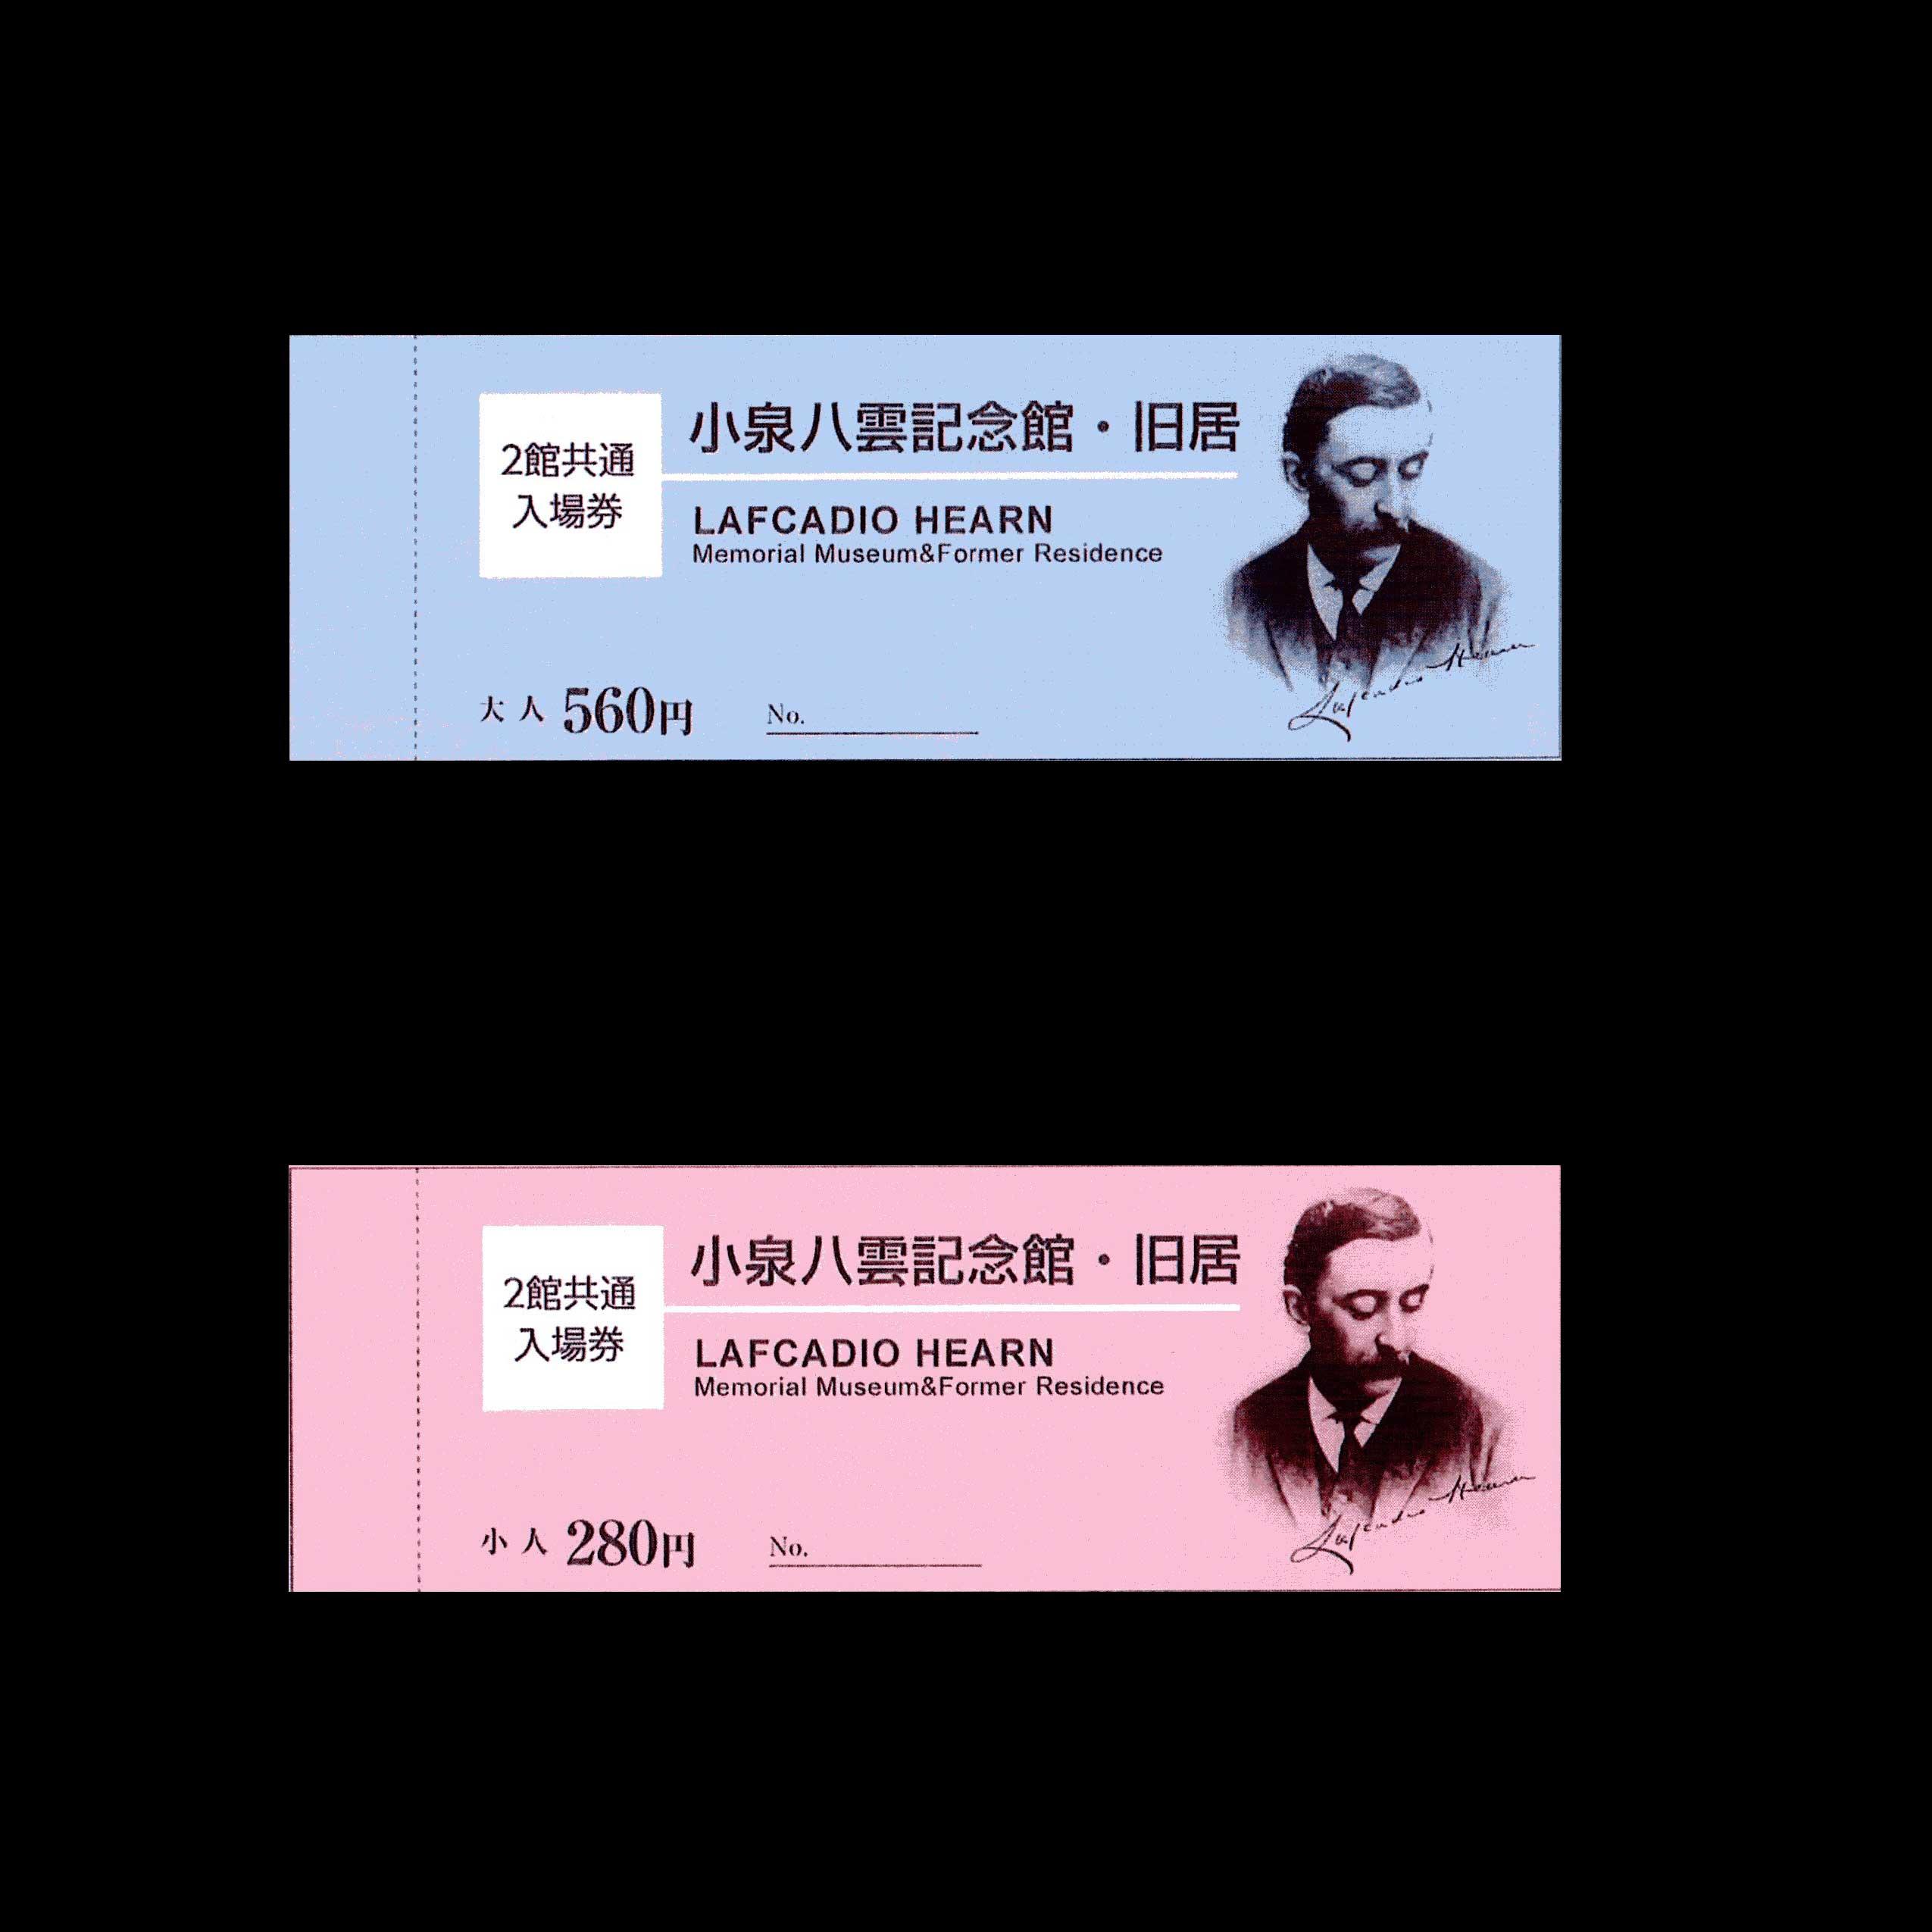 小泉八雲記念館・旧居の2館共通券